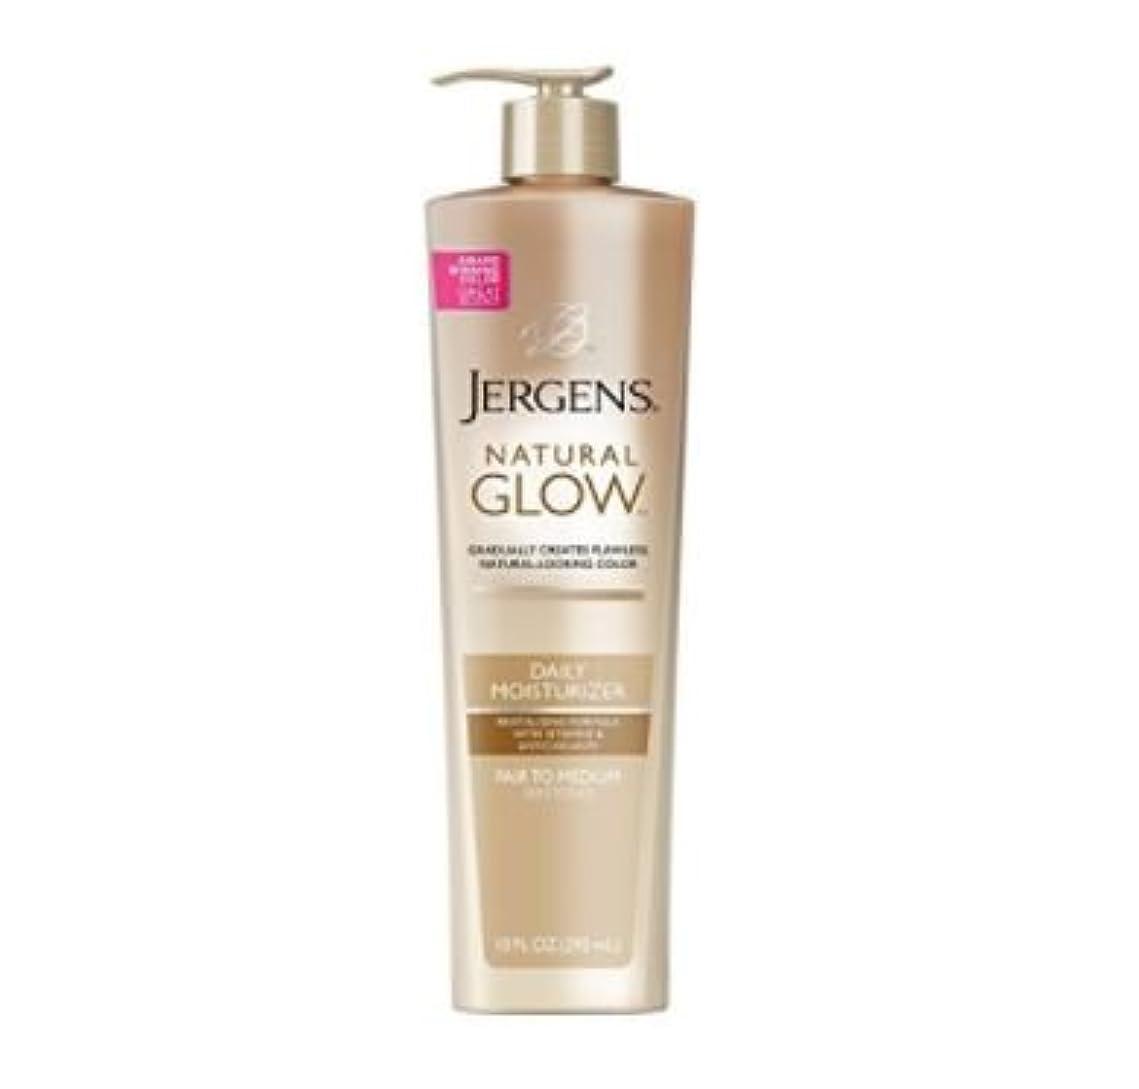 マディソン下に向けますコスチュームジャーゲンス【ポンプ付き295ml】塗るだけでキレイなブロンズ肌 セルフタンニングローション Jergens Natural Glow ジャーゲンズ (Medium/Tan 普通肌の方用) 海外直送